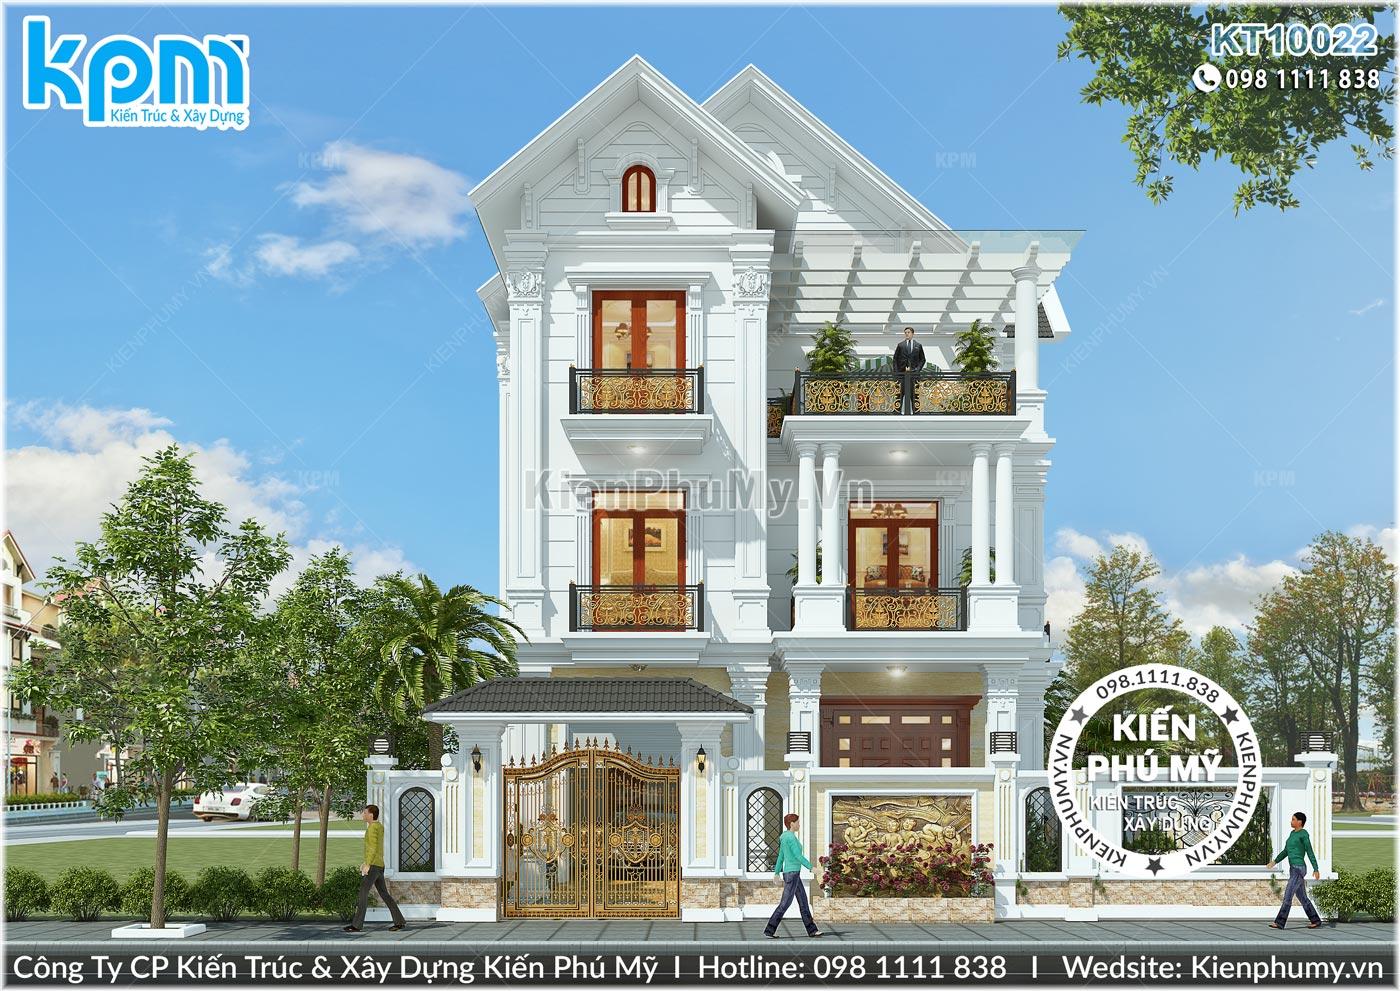 mẫu thiết kế biệt thự mái thái 3 tầng đẹp